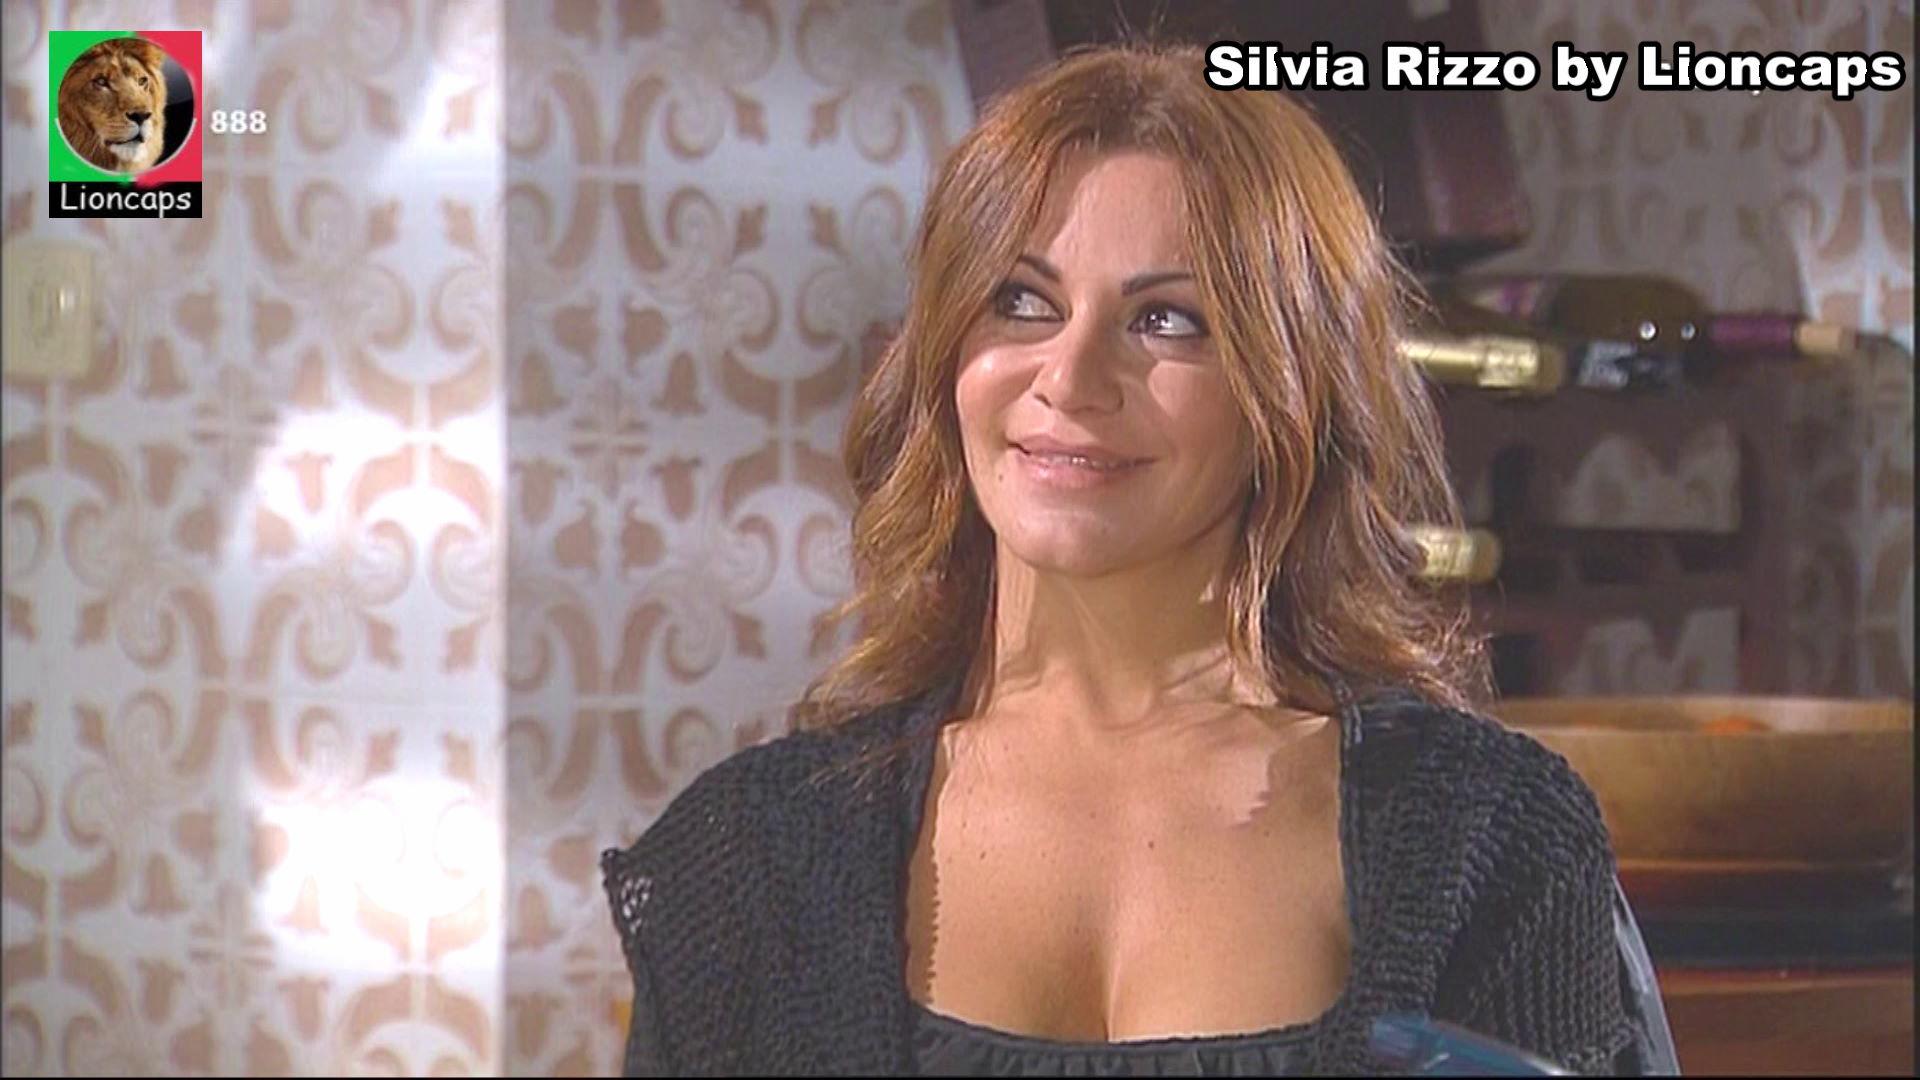 878377459_silvia_rizzo_vs181215_10311_122_136lo.JPG